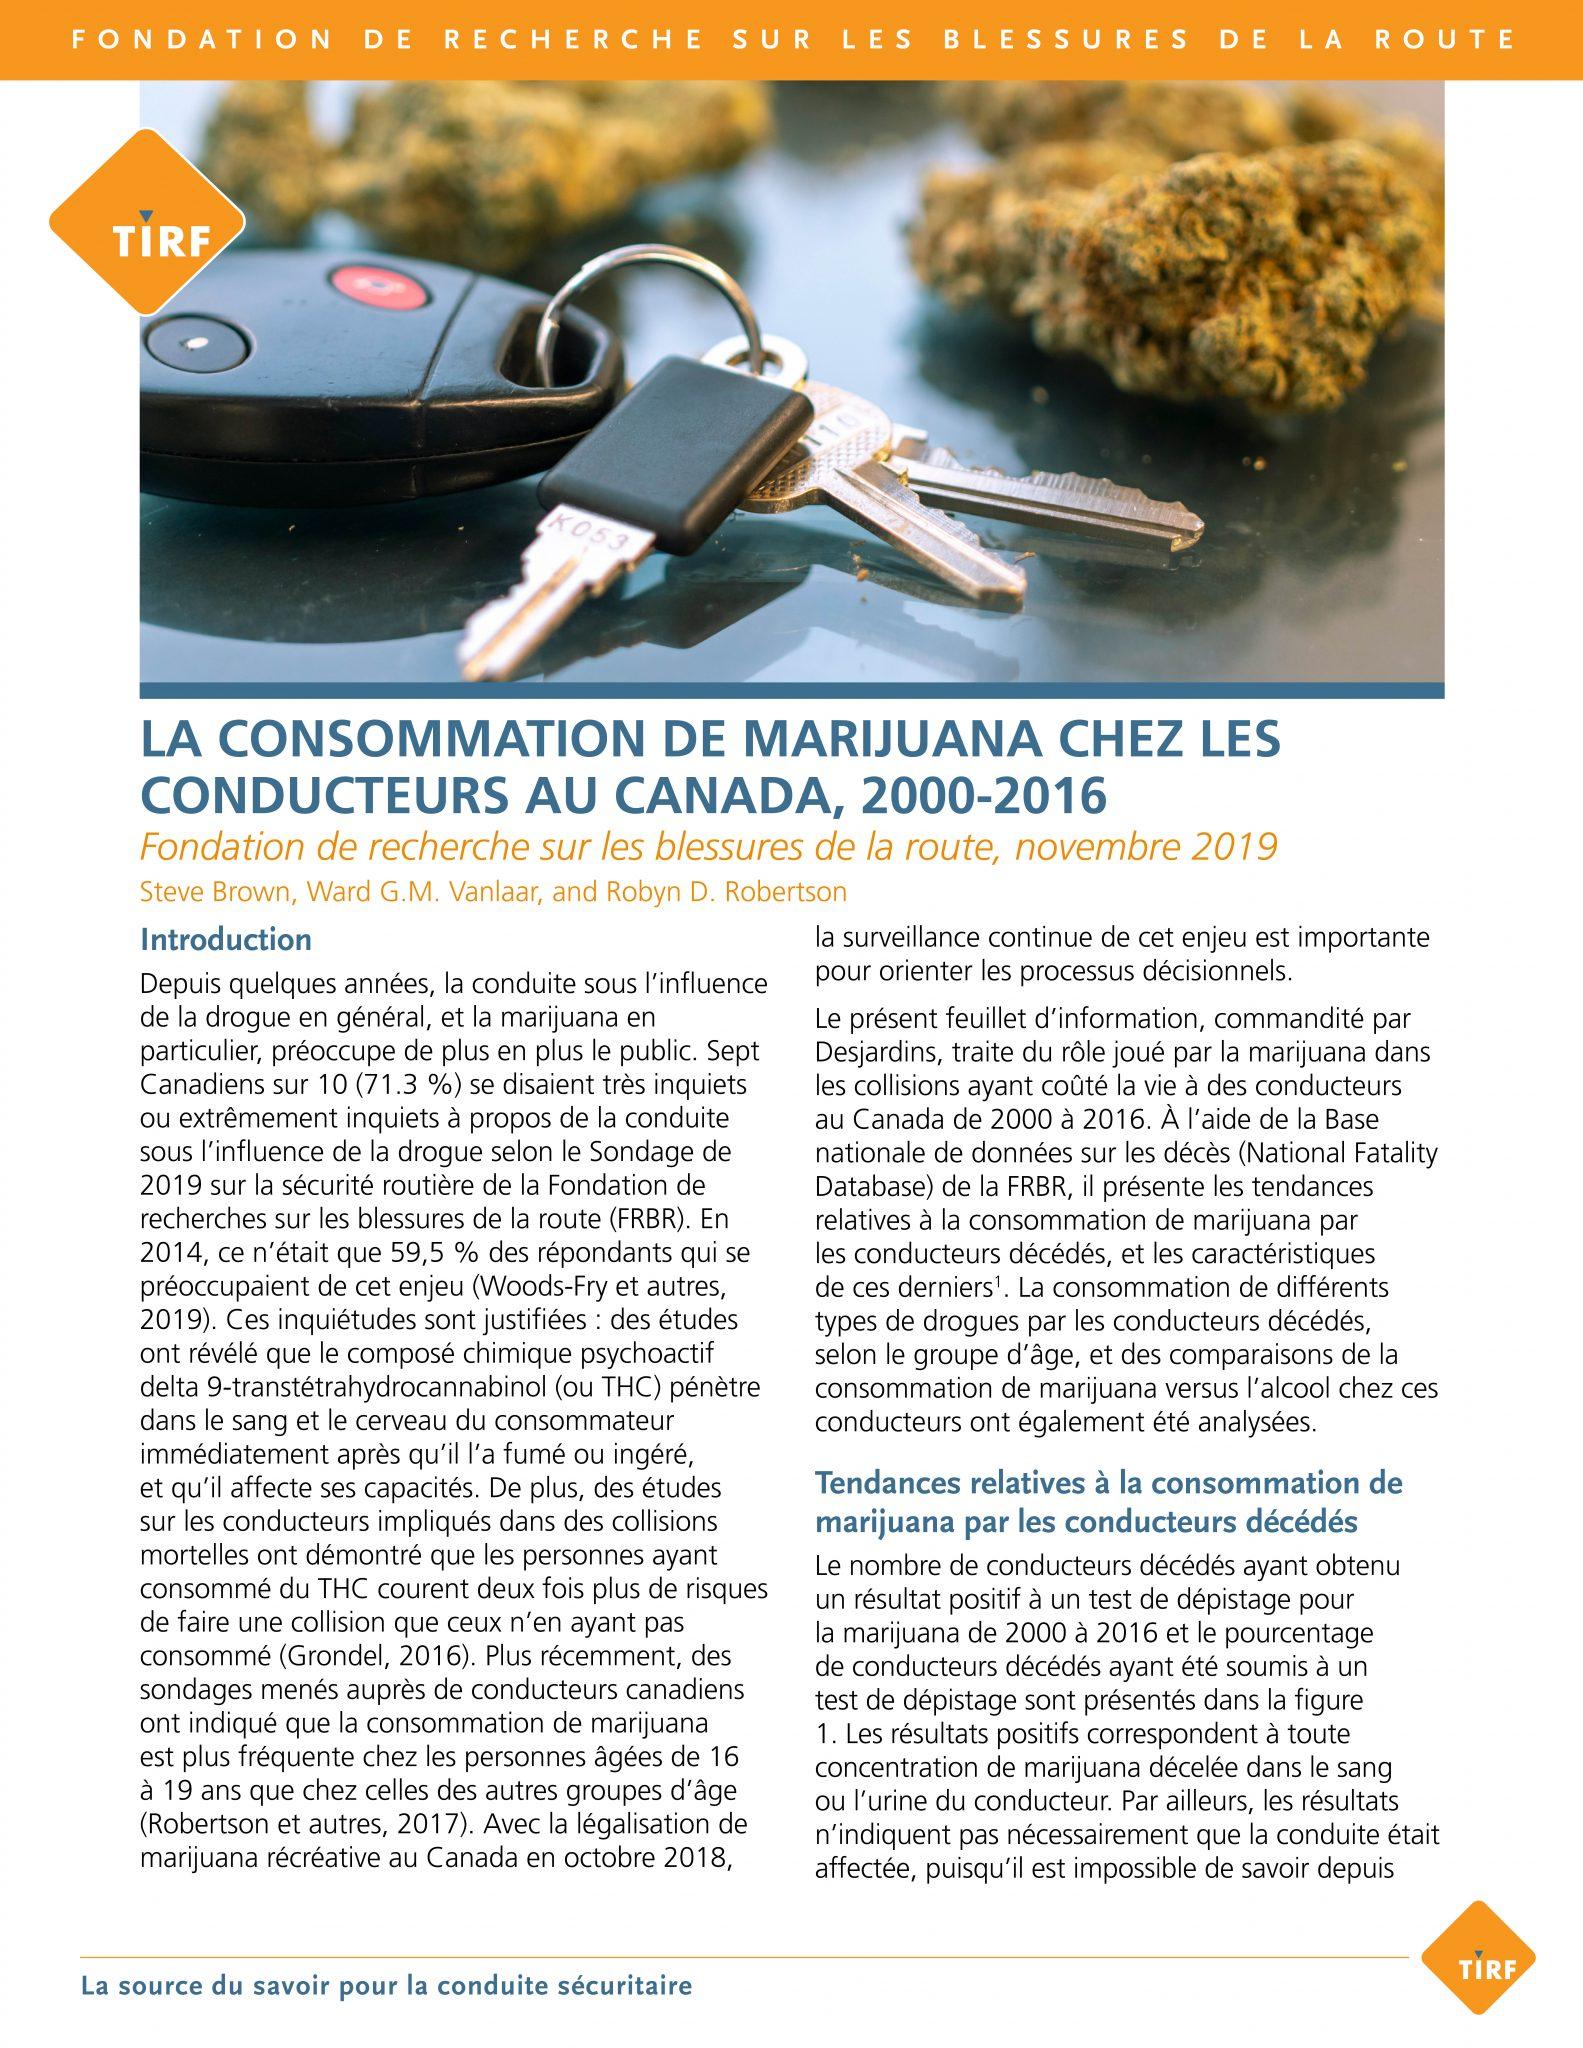 La consommation de marijuana chez les conducteurs au Canada, 2000 à 2016